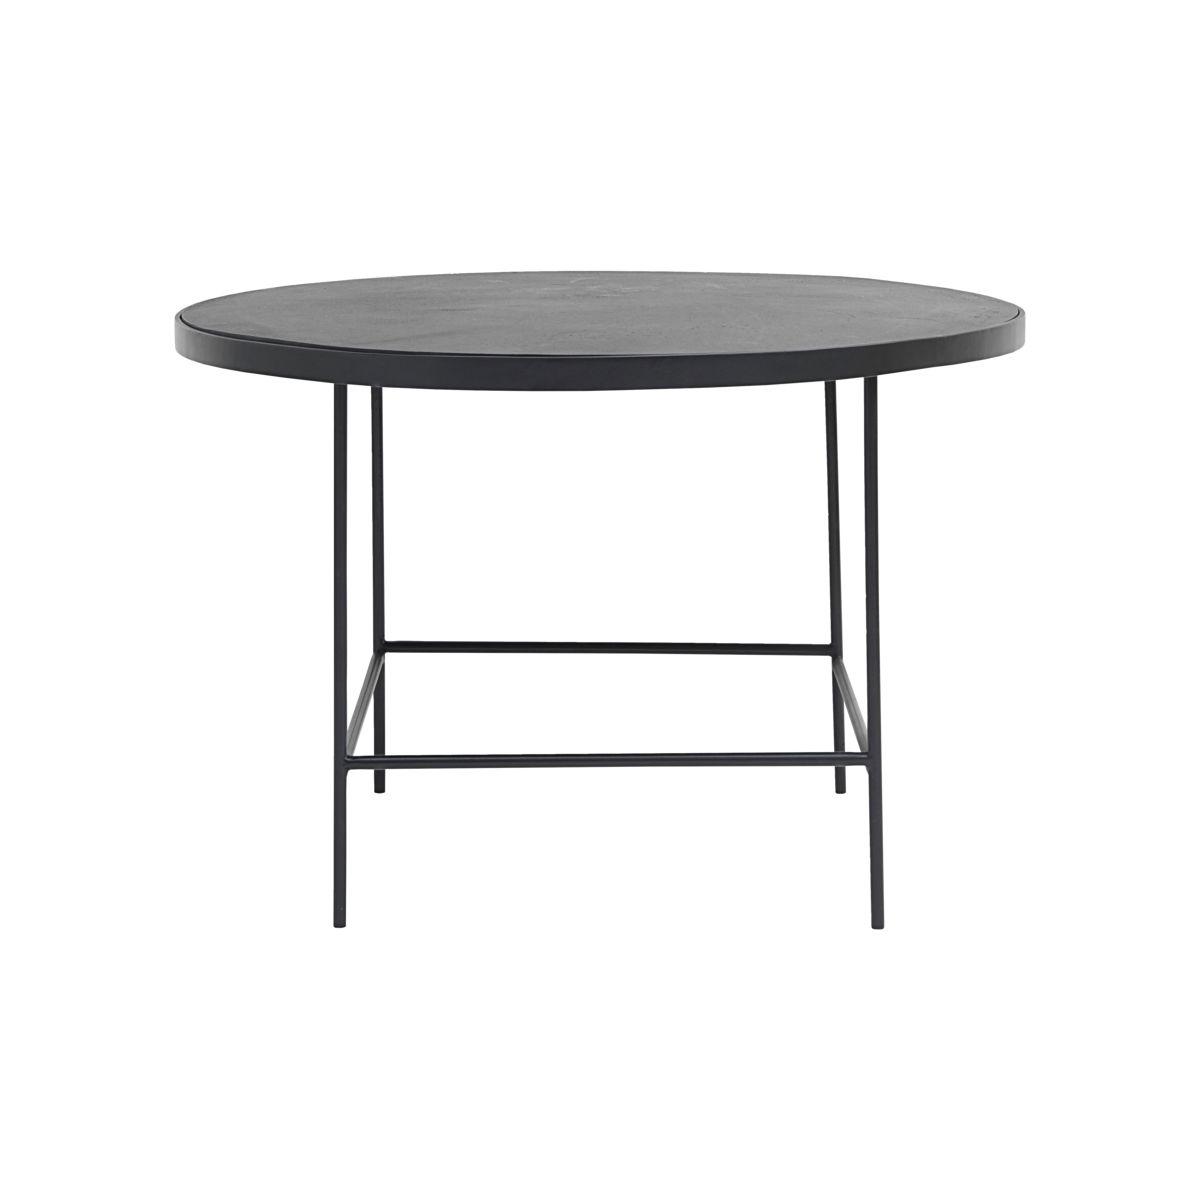 House doctor balance sofabord - sort jern og aluminium, rundt (ø 70) fra house doctor på boboonline.dk